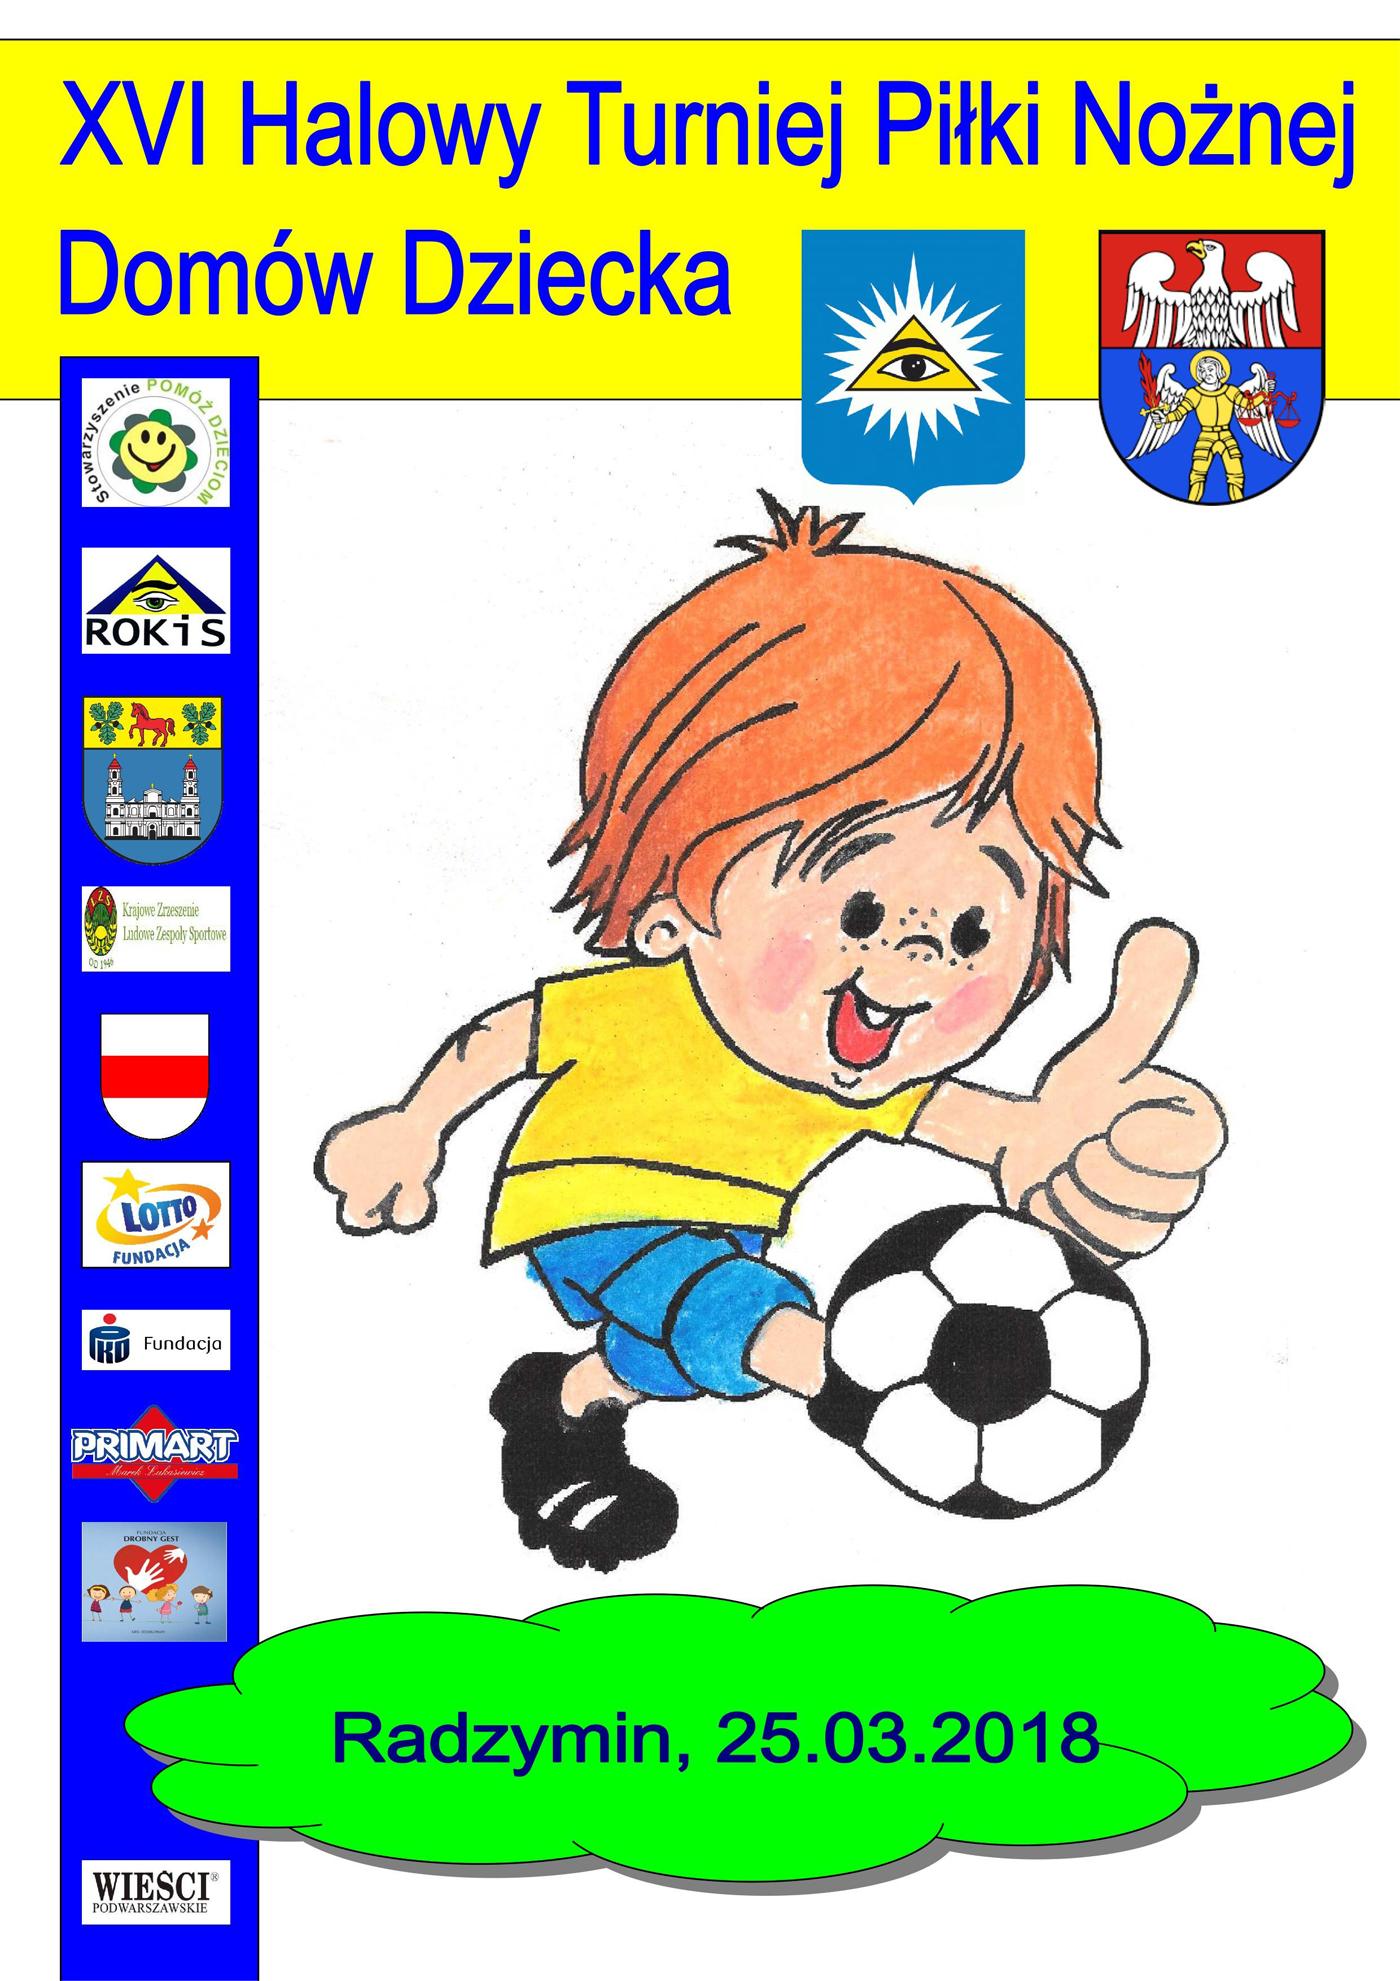 XVI Halowy Turniej Piłki Nożnej Domów Dziecka wRadzyminie